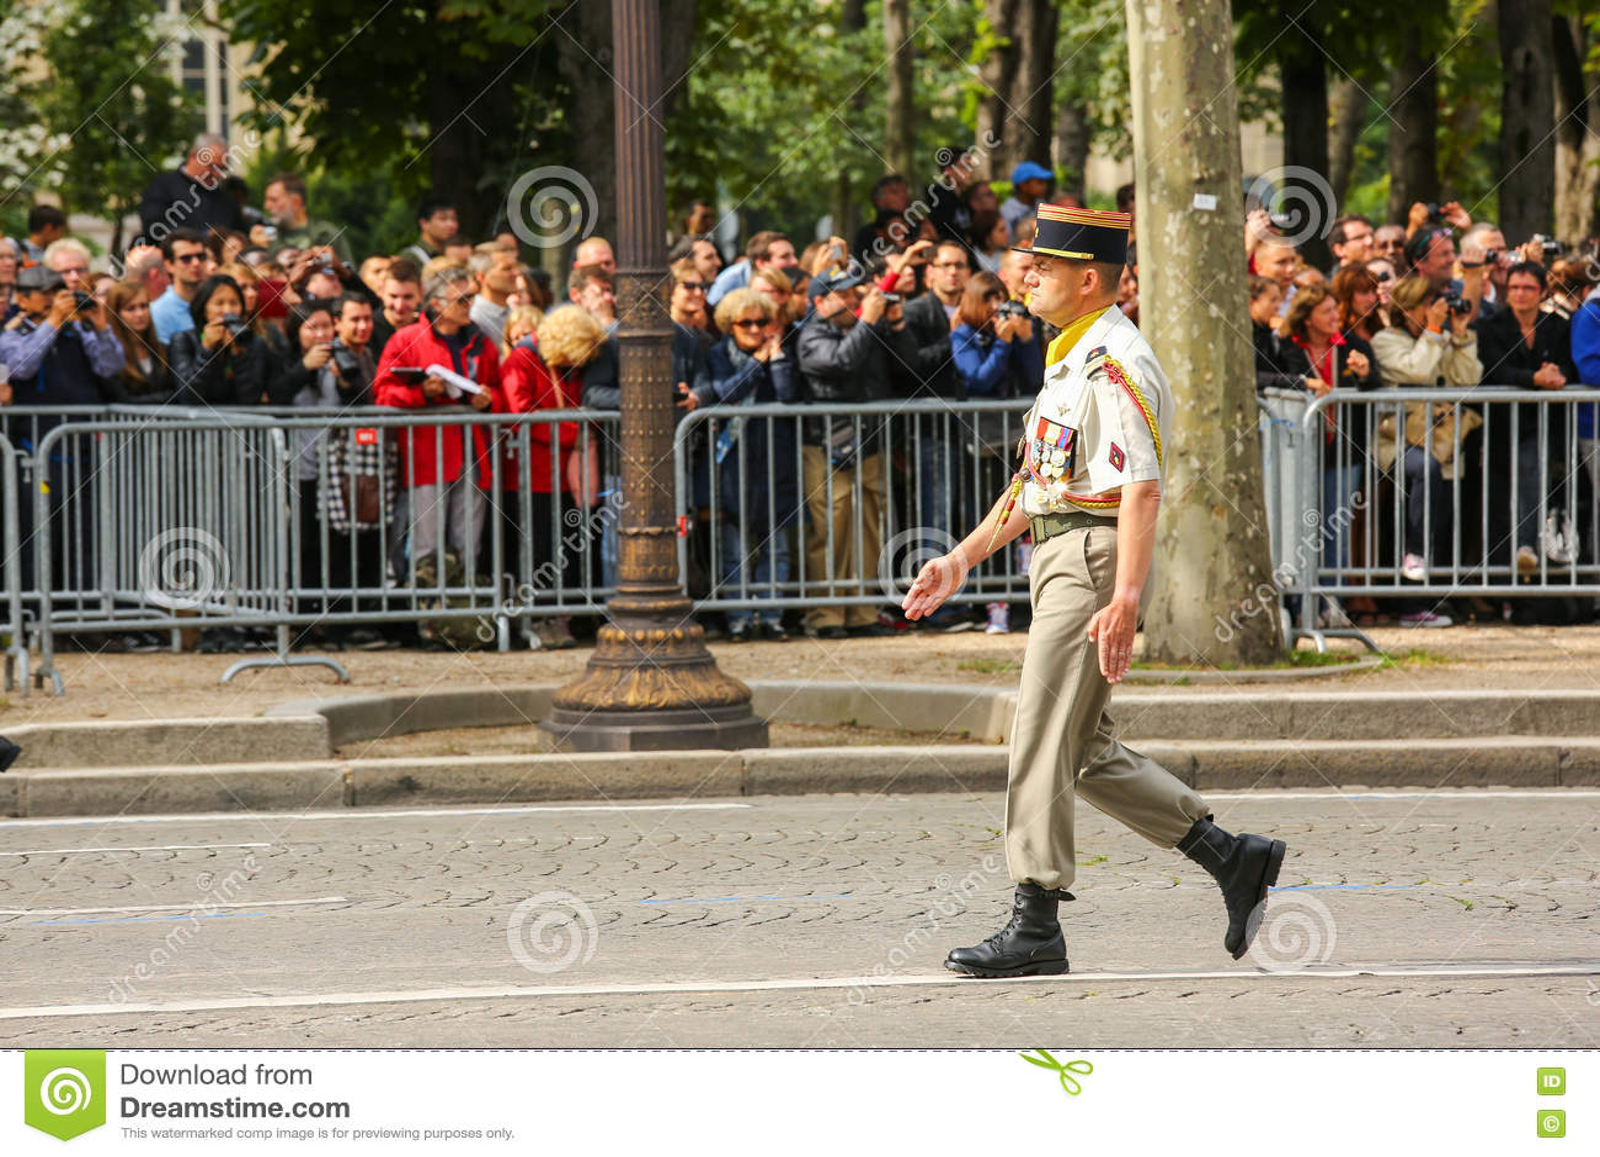 Coronel na parada militar (desfile) durante o ceremonial do dia nacional francês, avenida de Elysee dos campeões